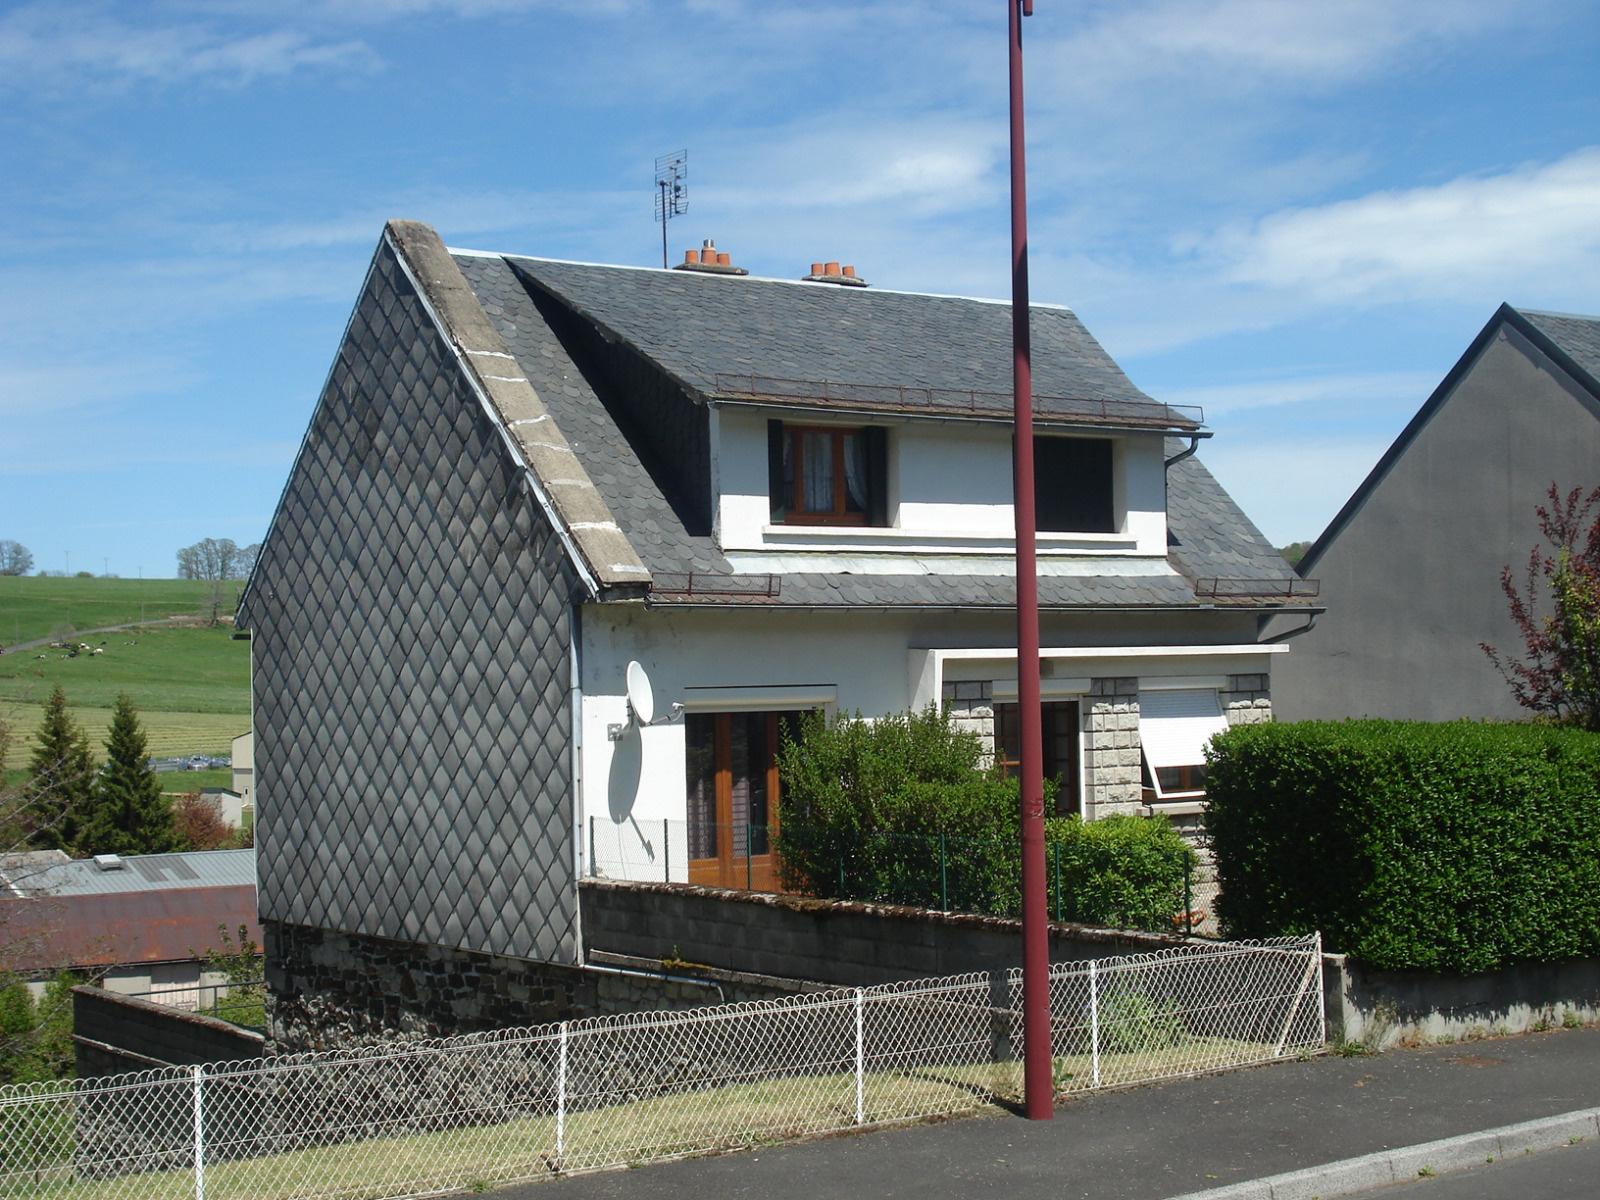 Vente riom es montagnes maison d 39 habitation for Vente habitation